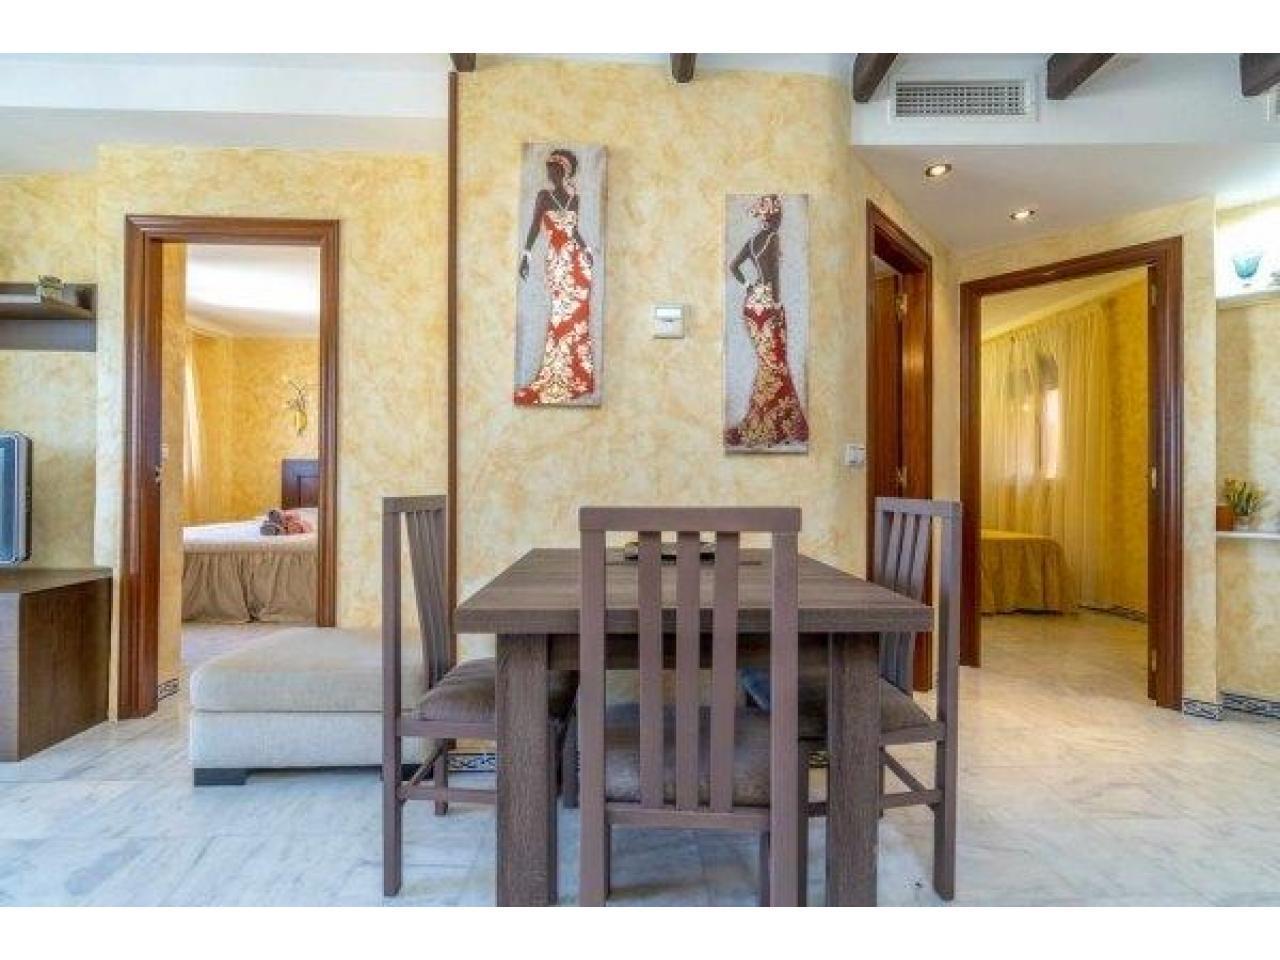 Недвижимость в Испании, Квартира с видом на море в Торревьеха,Коста Бланка,Испания - 4